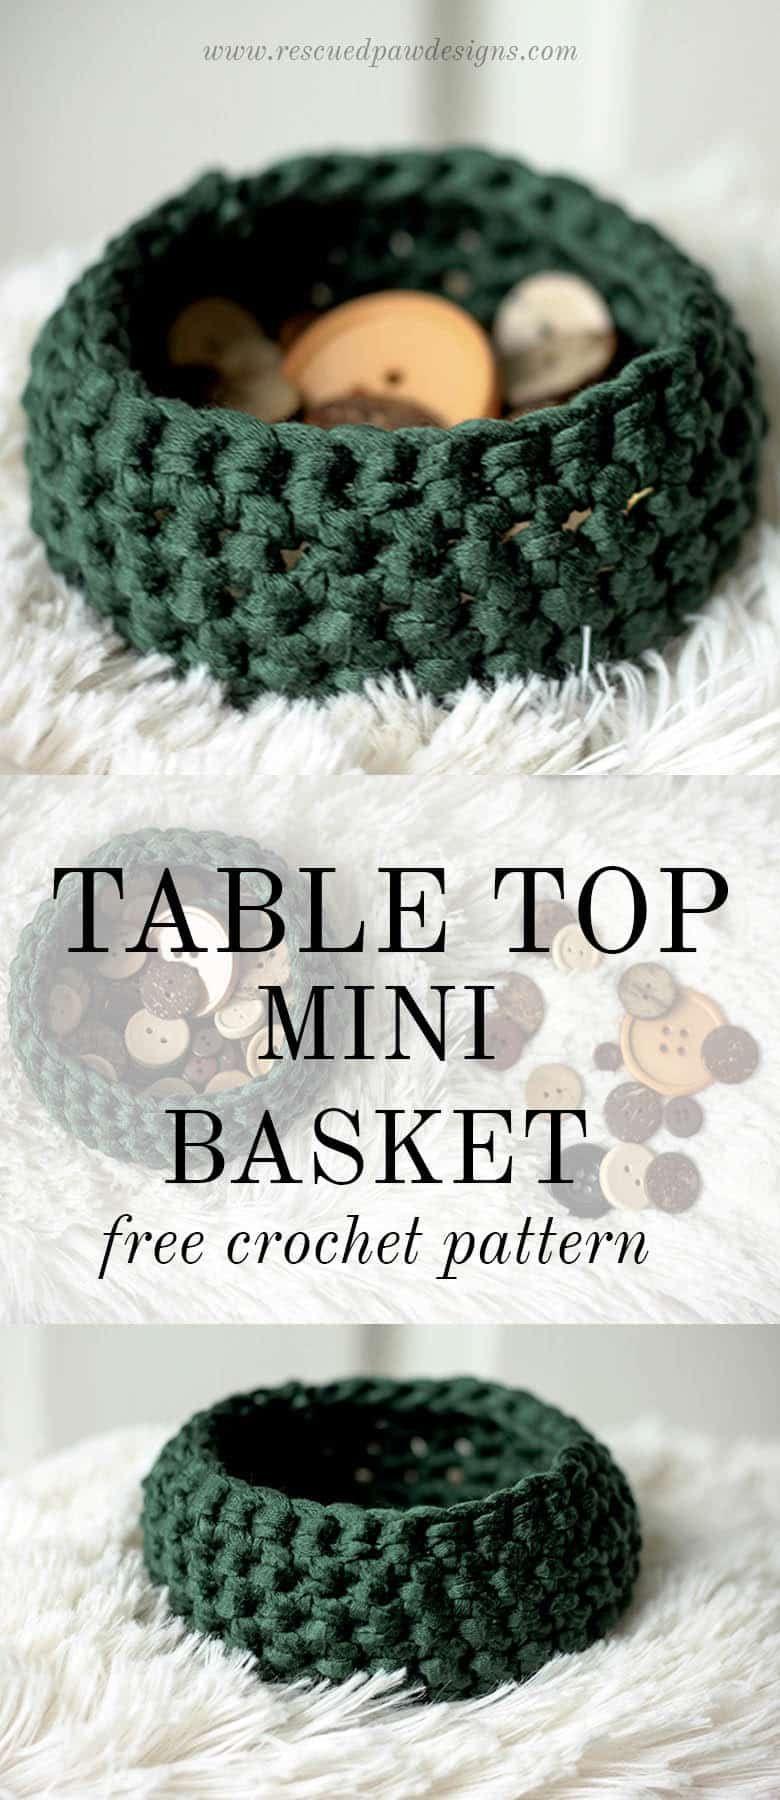 free crochet basket pattern | Crocheting | Pinterest | Patrones ...